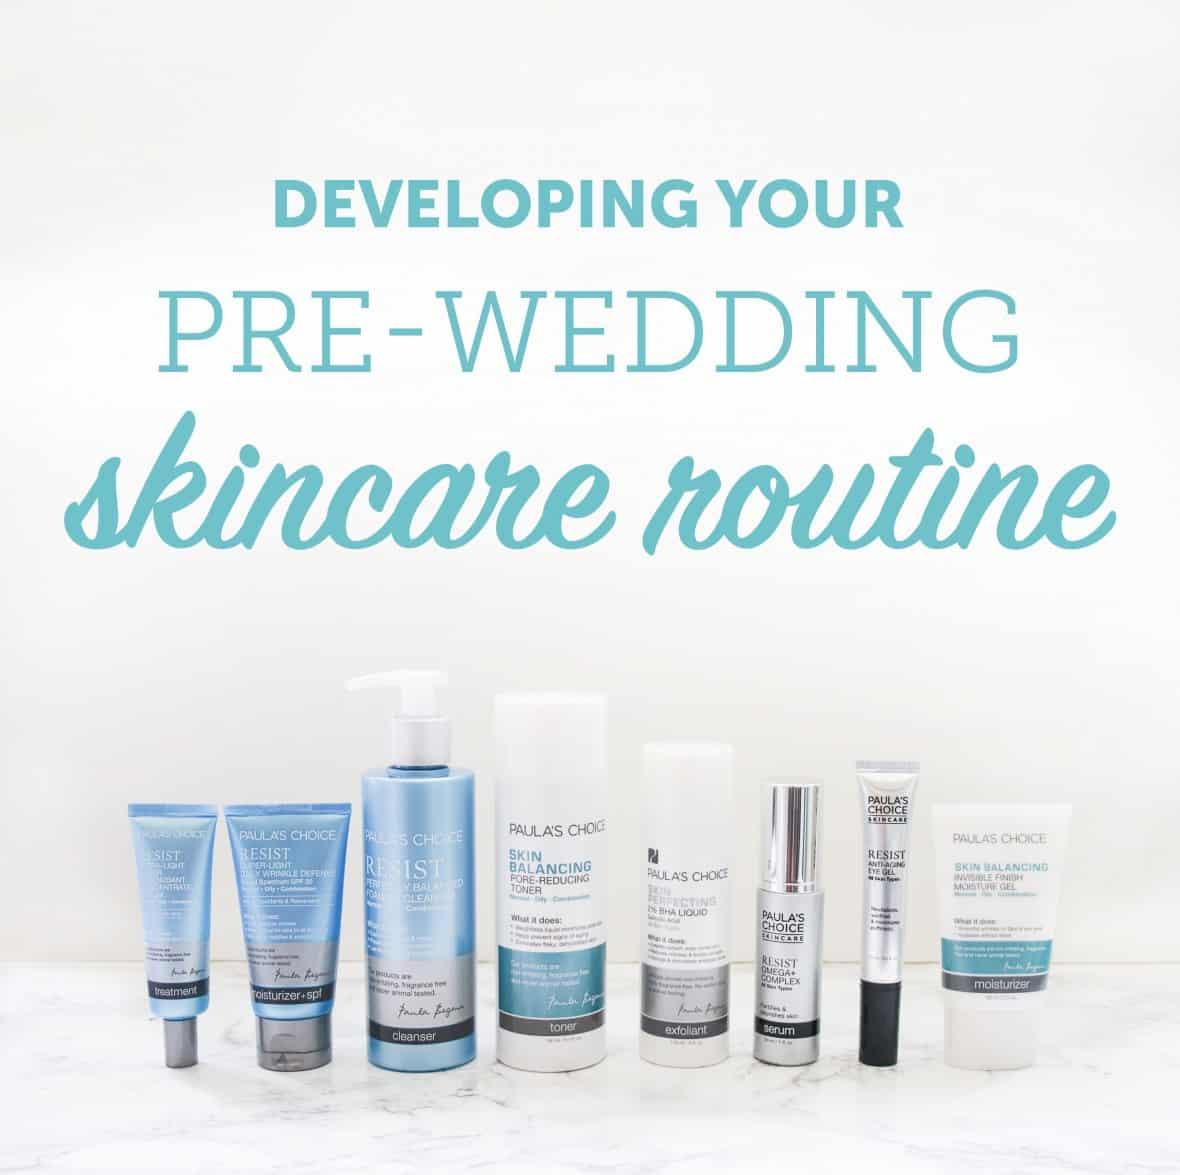 Paula's Choice Pre-Wedding Skincare Routine